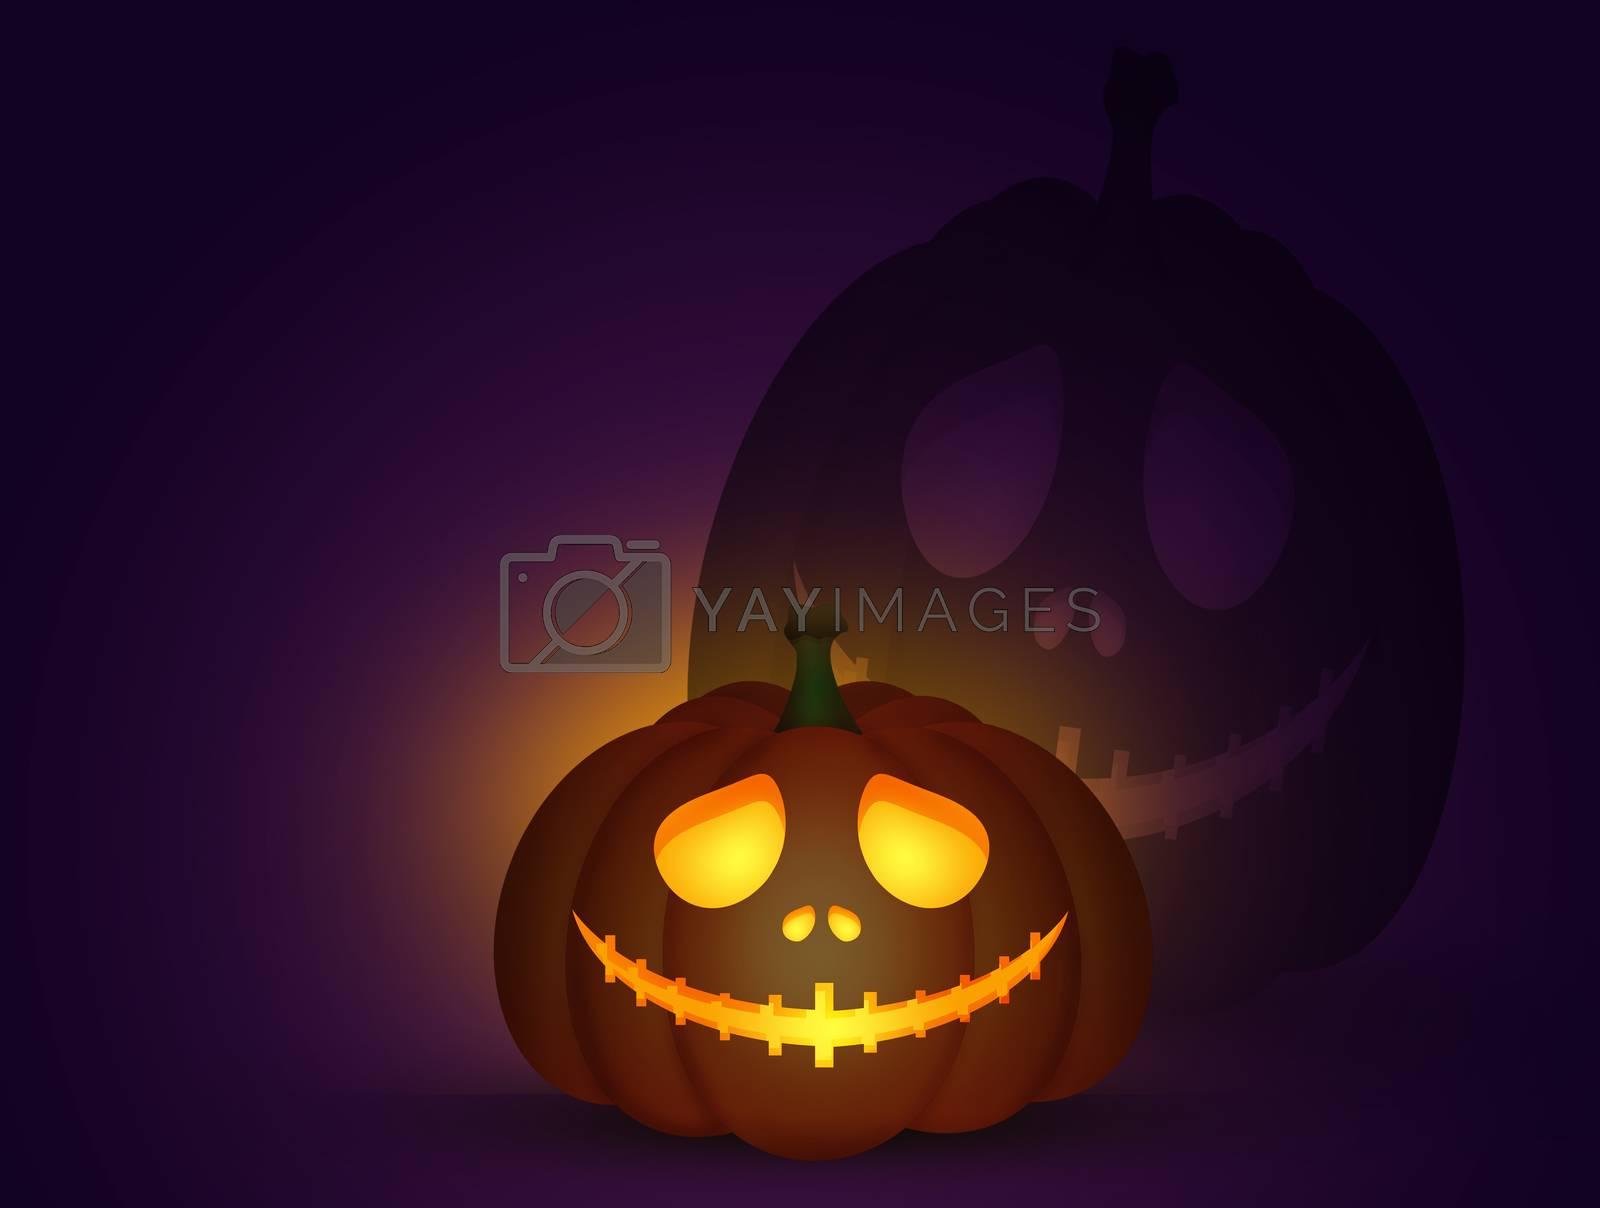 illustration of Halloween pumpkin